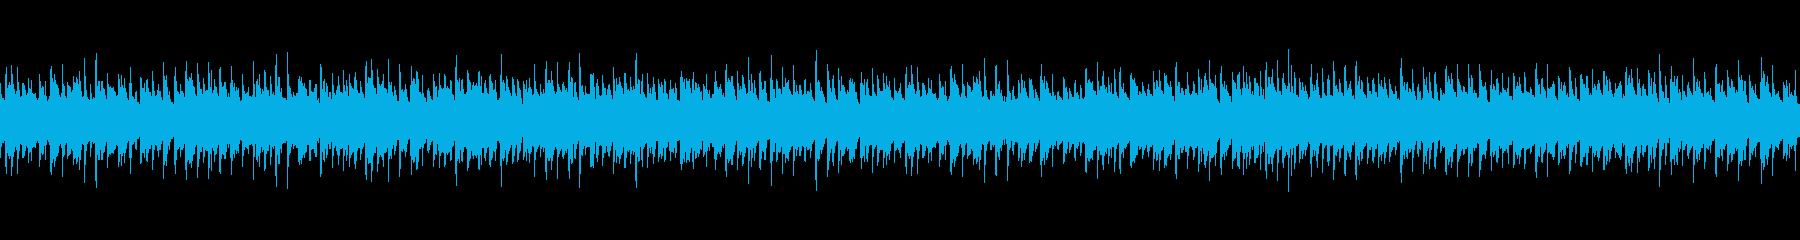 アコギの伴奏と幻想的なシンセを合わせた曲の再生済みの波形